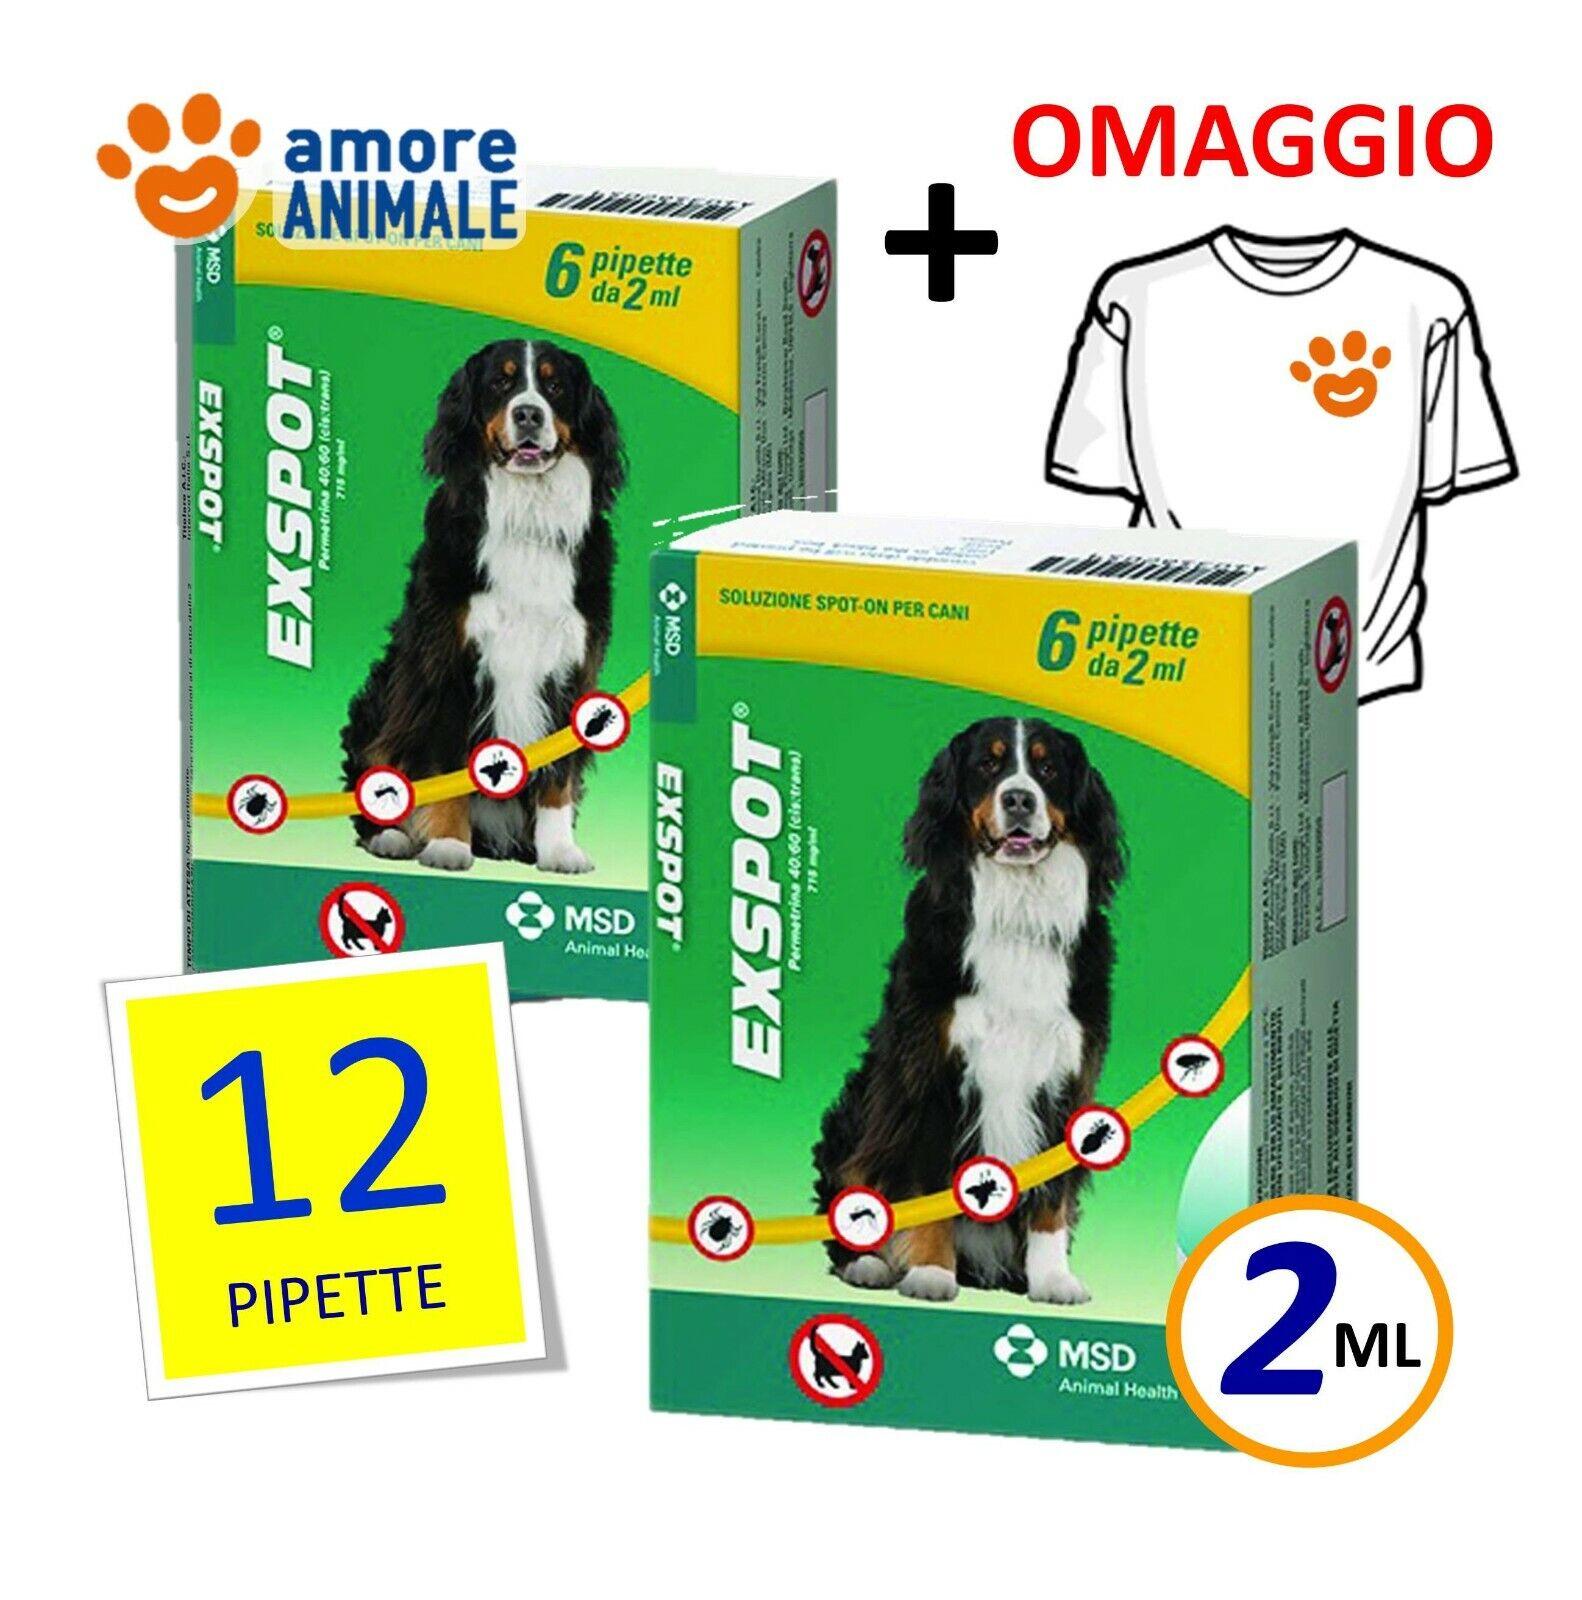 2 CONFEZIONI M  Exspot 6 pipette 2   per Cani da 41 kg a 55 kg → 12 pipette